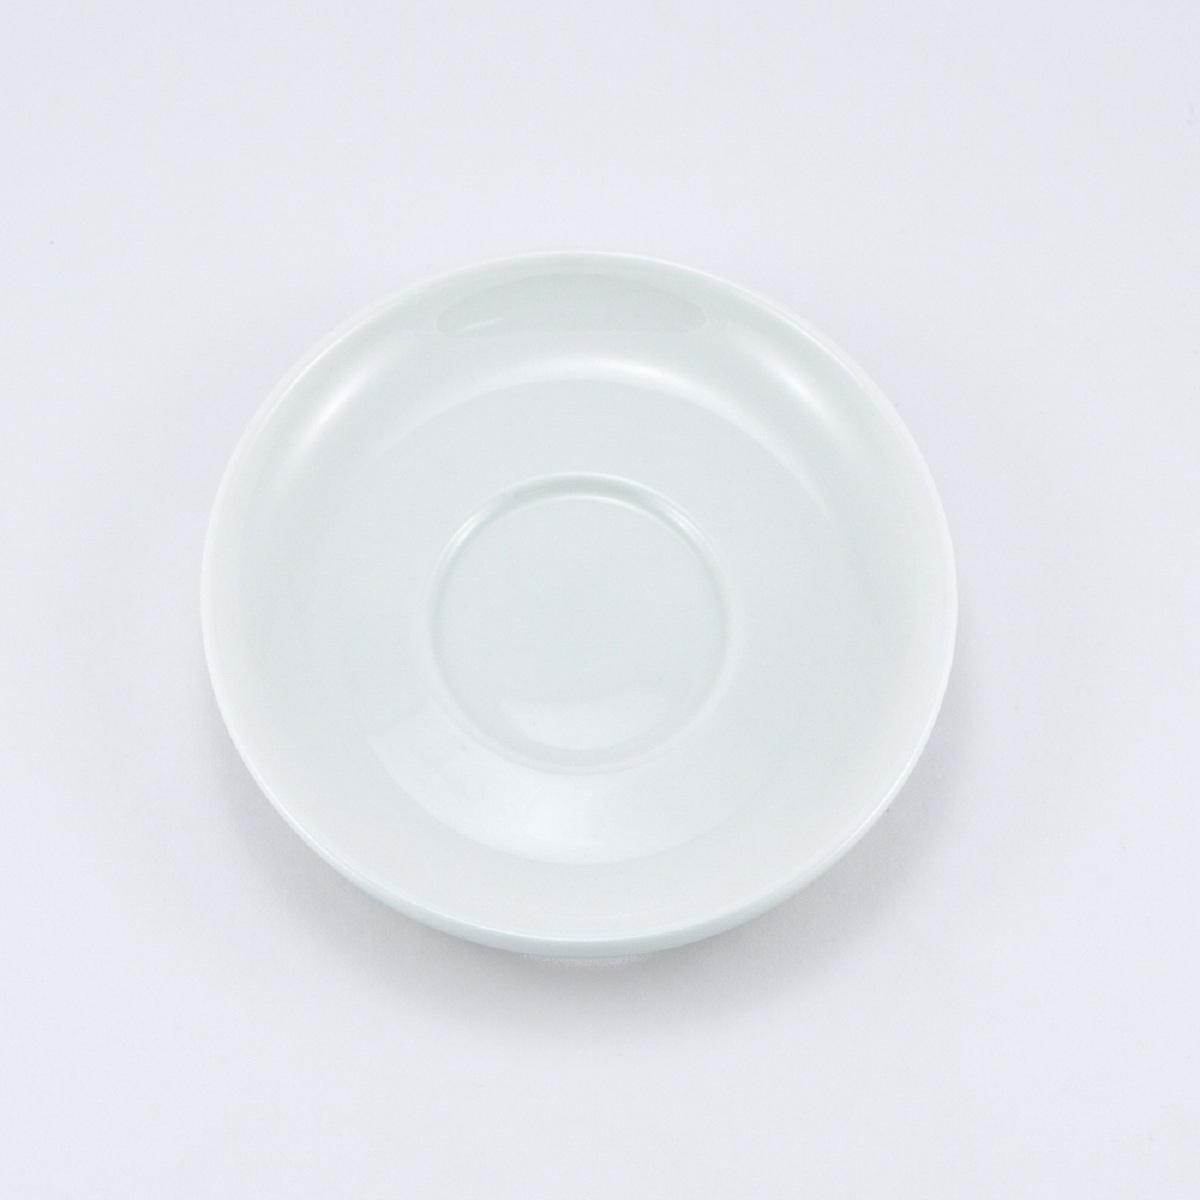 Блюдце чайное Royal Porcelain Ascot, цвет: белый, диаметр 14,5 см блюдце для фруктов royal porcelain блюдце для фруктов